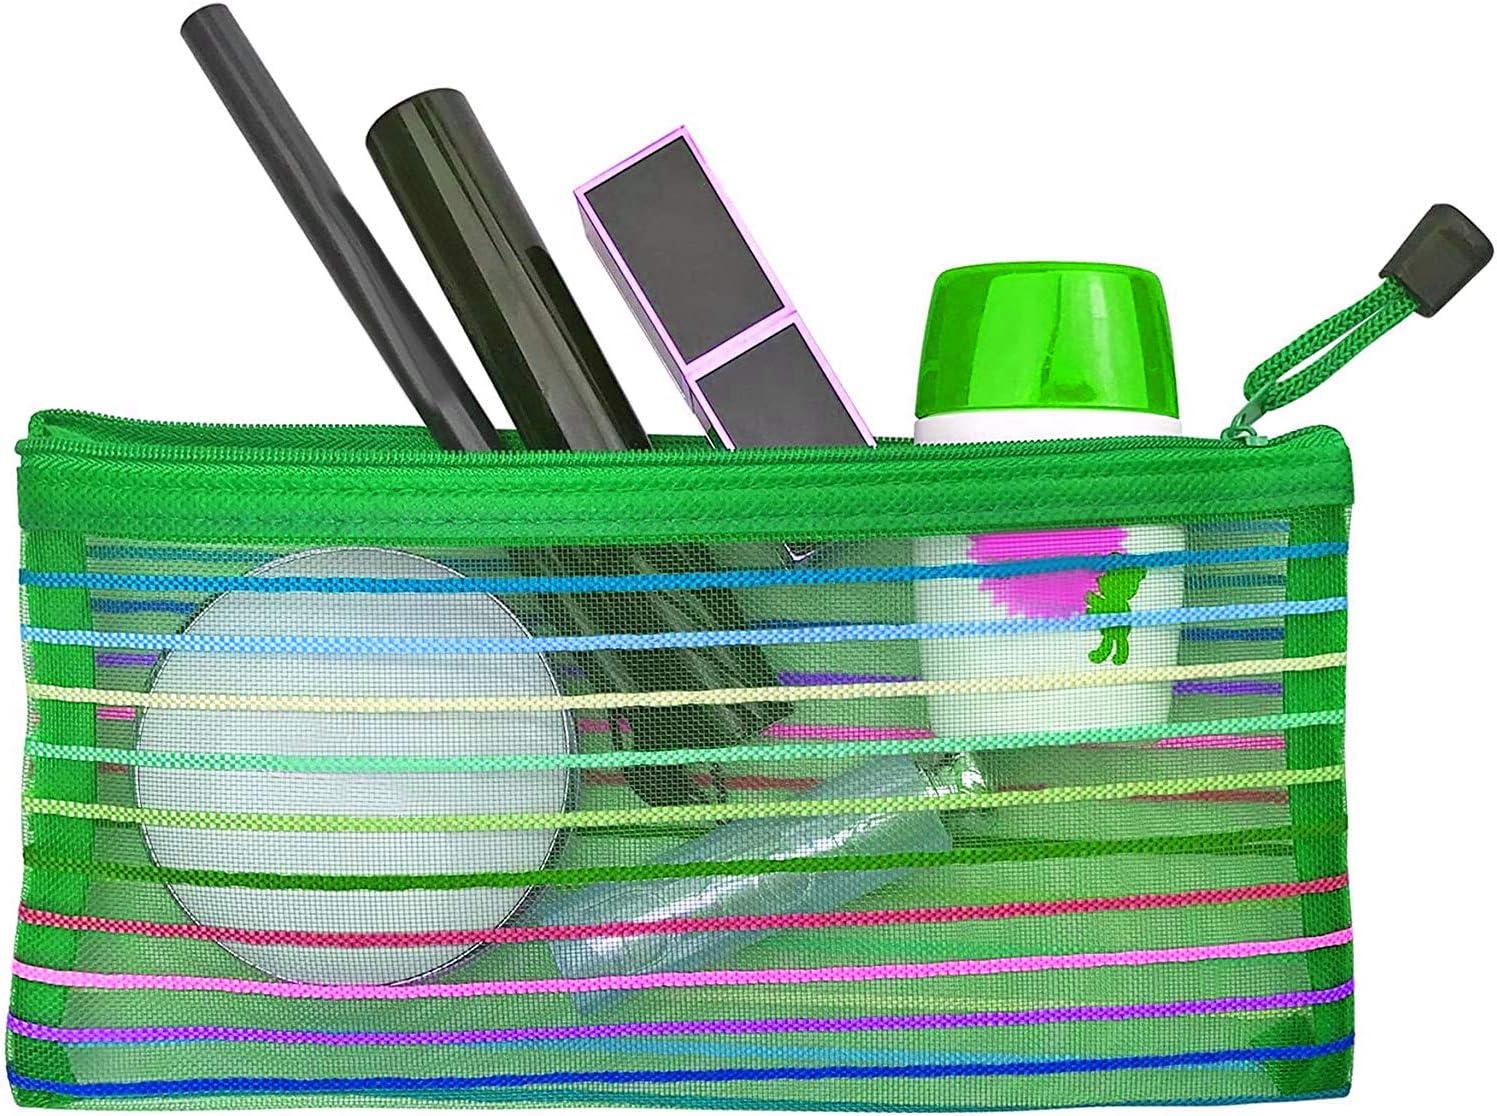 7 Farben HO2NLE 21 St/ück Dokumententasche A6 Kunststoff Rei/ßverschlusstasche Wasserdicht Zip Beutel mit Rei/ßverschluss f/ür B/üros Schulreise Zubeh/ör Reisezubeh/ör Aufbewahrungsbeutel